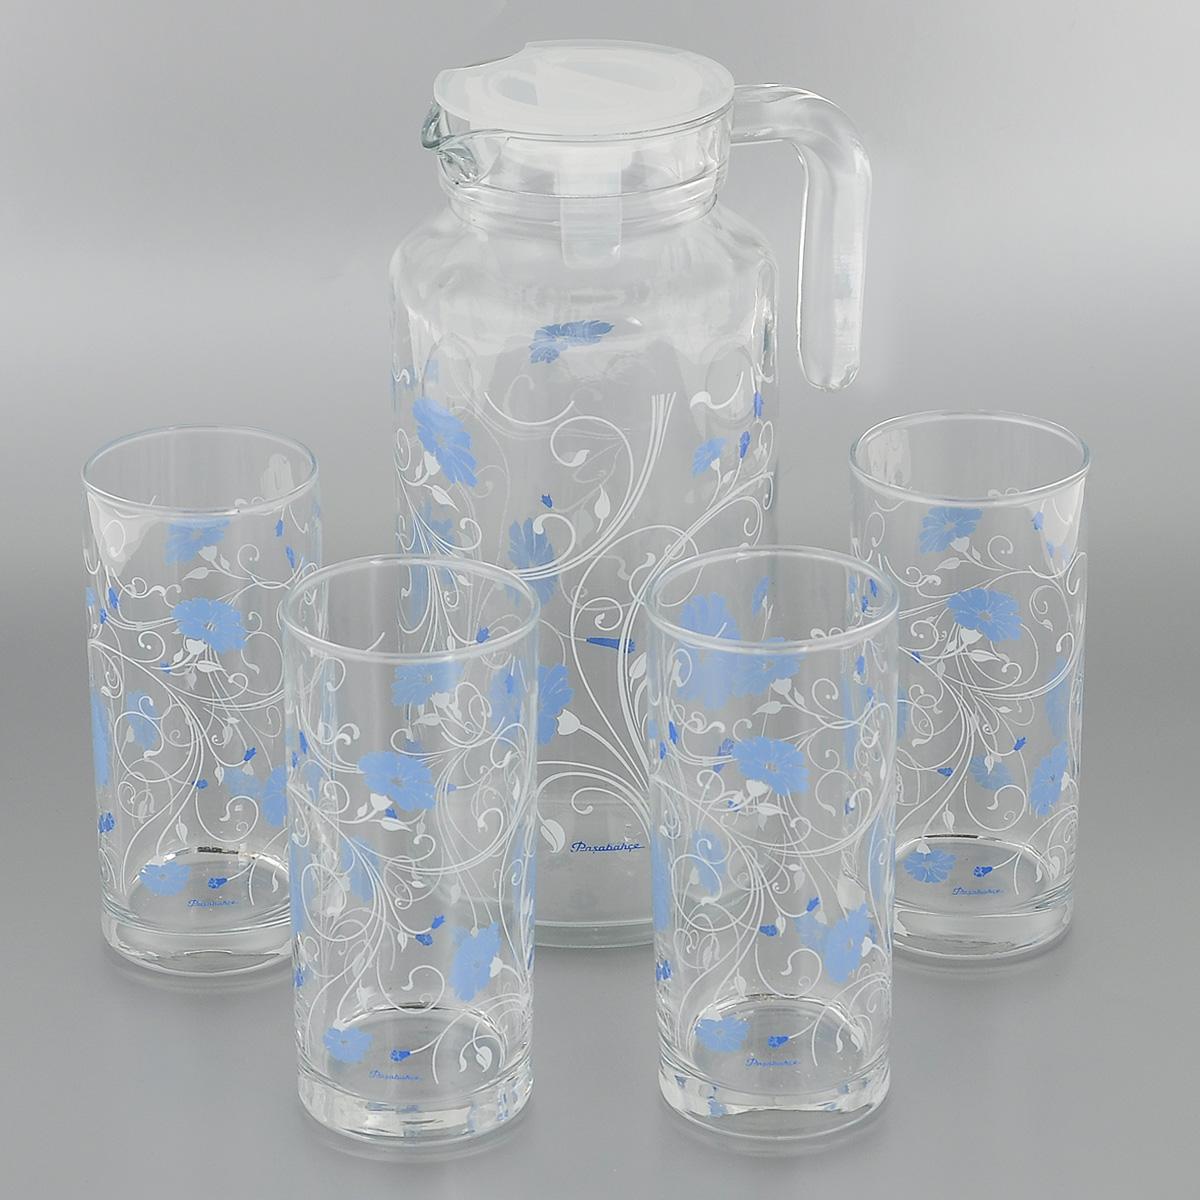 Набор для воды Pasabahce Workshop Serenade, цвет: синий, 5 предметов95895BD2Набор Pasabahce Workshop Serenade состоит из четырех стаканов и кувшина, выполненных из прочного натрий-кальций-силикатного стекла. Предметы набора, декорированные цветочным рисунком, предназначены для воды, сока и других напитков. Кувшин снабжен пластиковой, плотно закрывающейся крышкой. Изделия сочетают в себе элегантный дизайн и функциональность. Благодаря такому набору пить напитки будет еще вкуснее.Набор для воды Pasabahce Workshop Serenade прекрасно оформит праздничный стол и создаст приятную атмосферу. Такой набор также станет хорошим подарком к любому случаю. Можно мыть в посудомоечной машине и использовать в микроволновой печи.Объем кувшина: 1,3 л. Диаметр кувшина (по верхнему краю): 7,5 см. Высота кувшина (без учета крышки): 22,5 см. Объем стакана: 290 мл. Диаметр стакана (по верхнему краю): 5,5 см. Высота стакана: 13 см.